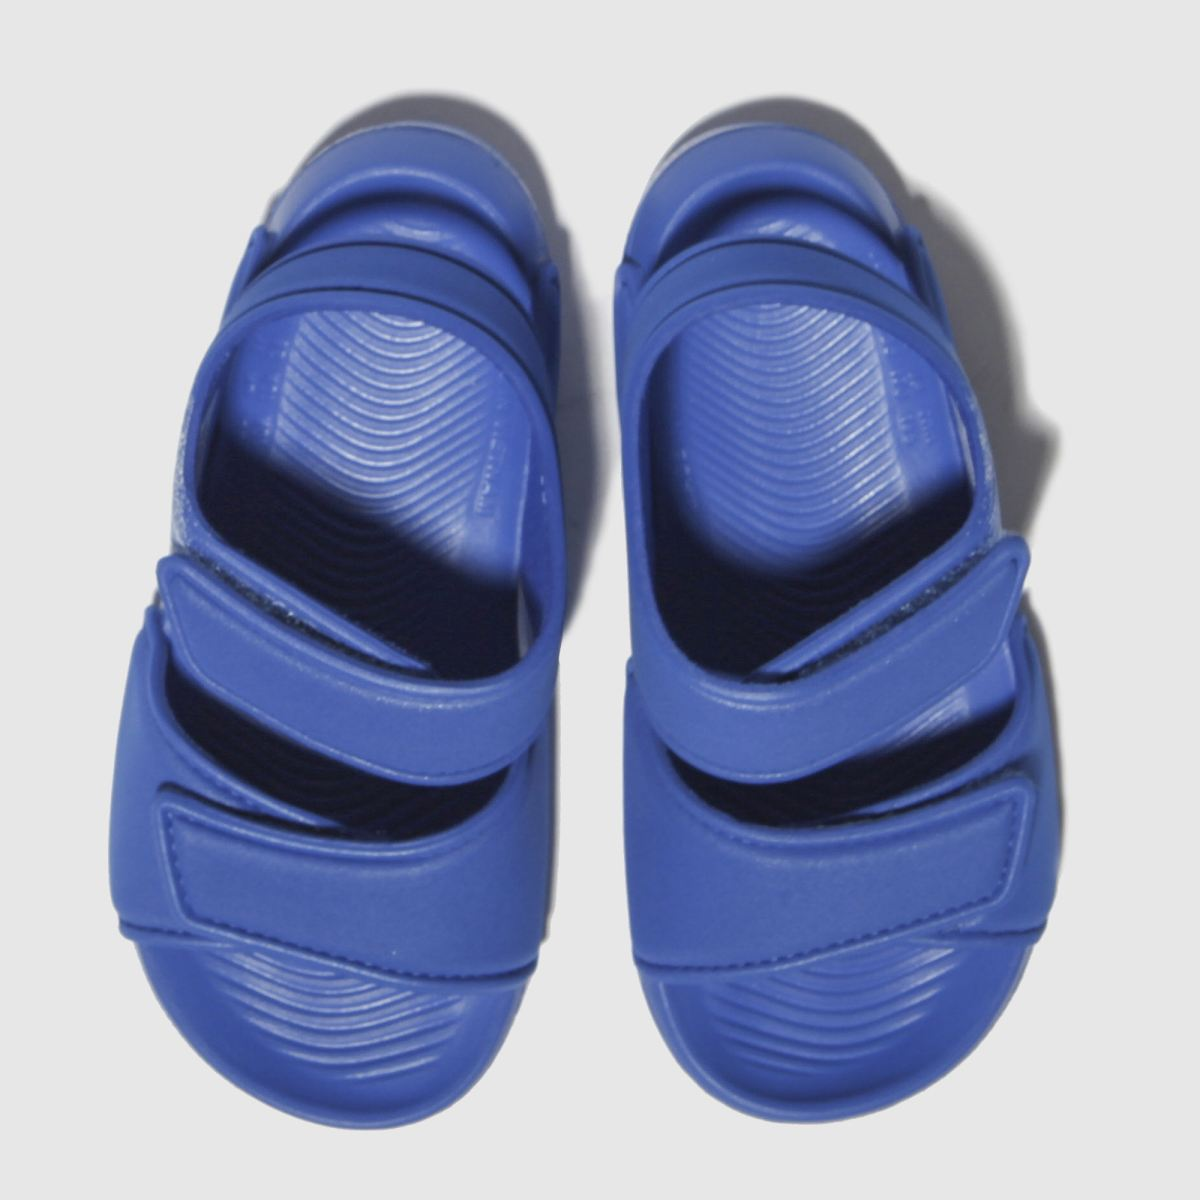 Adidas Blue Altaswim Trainers Junior